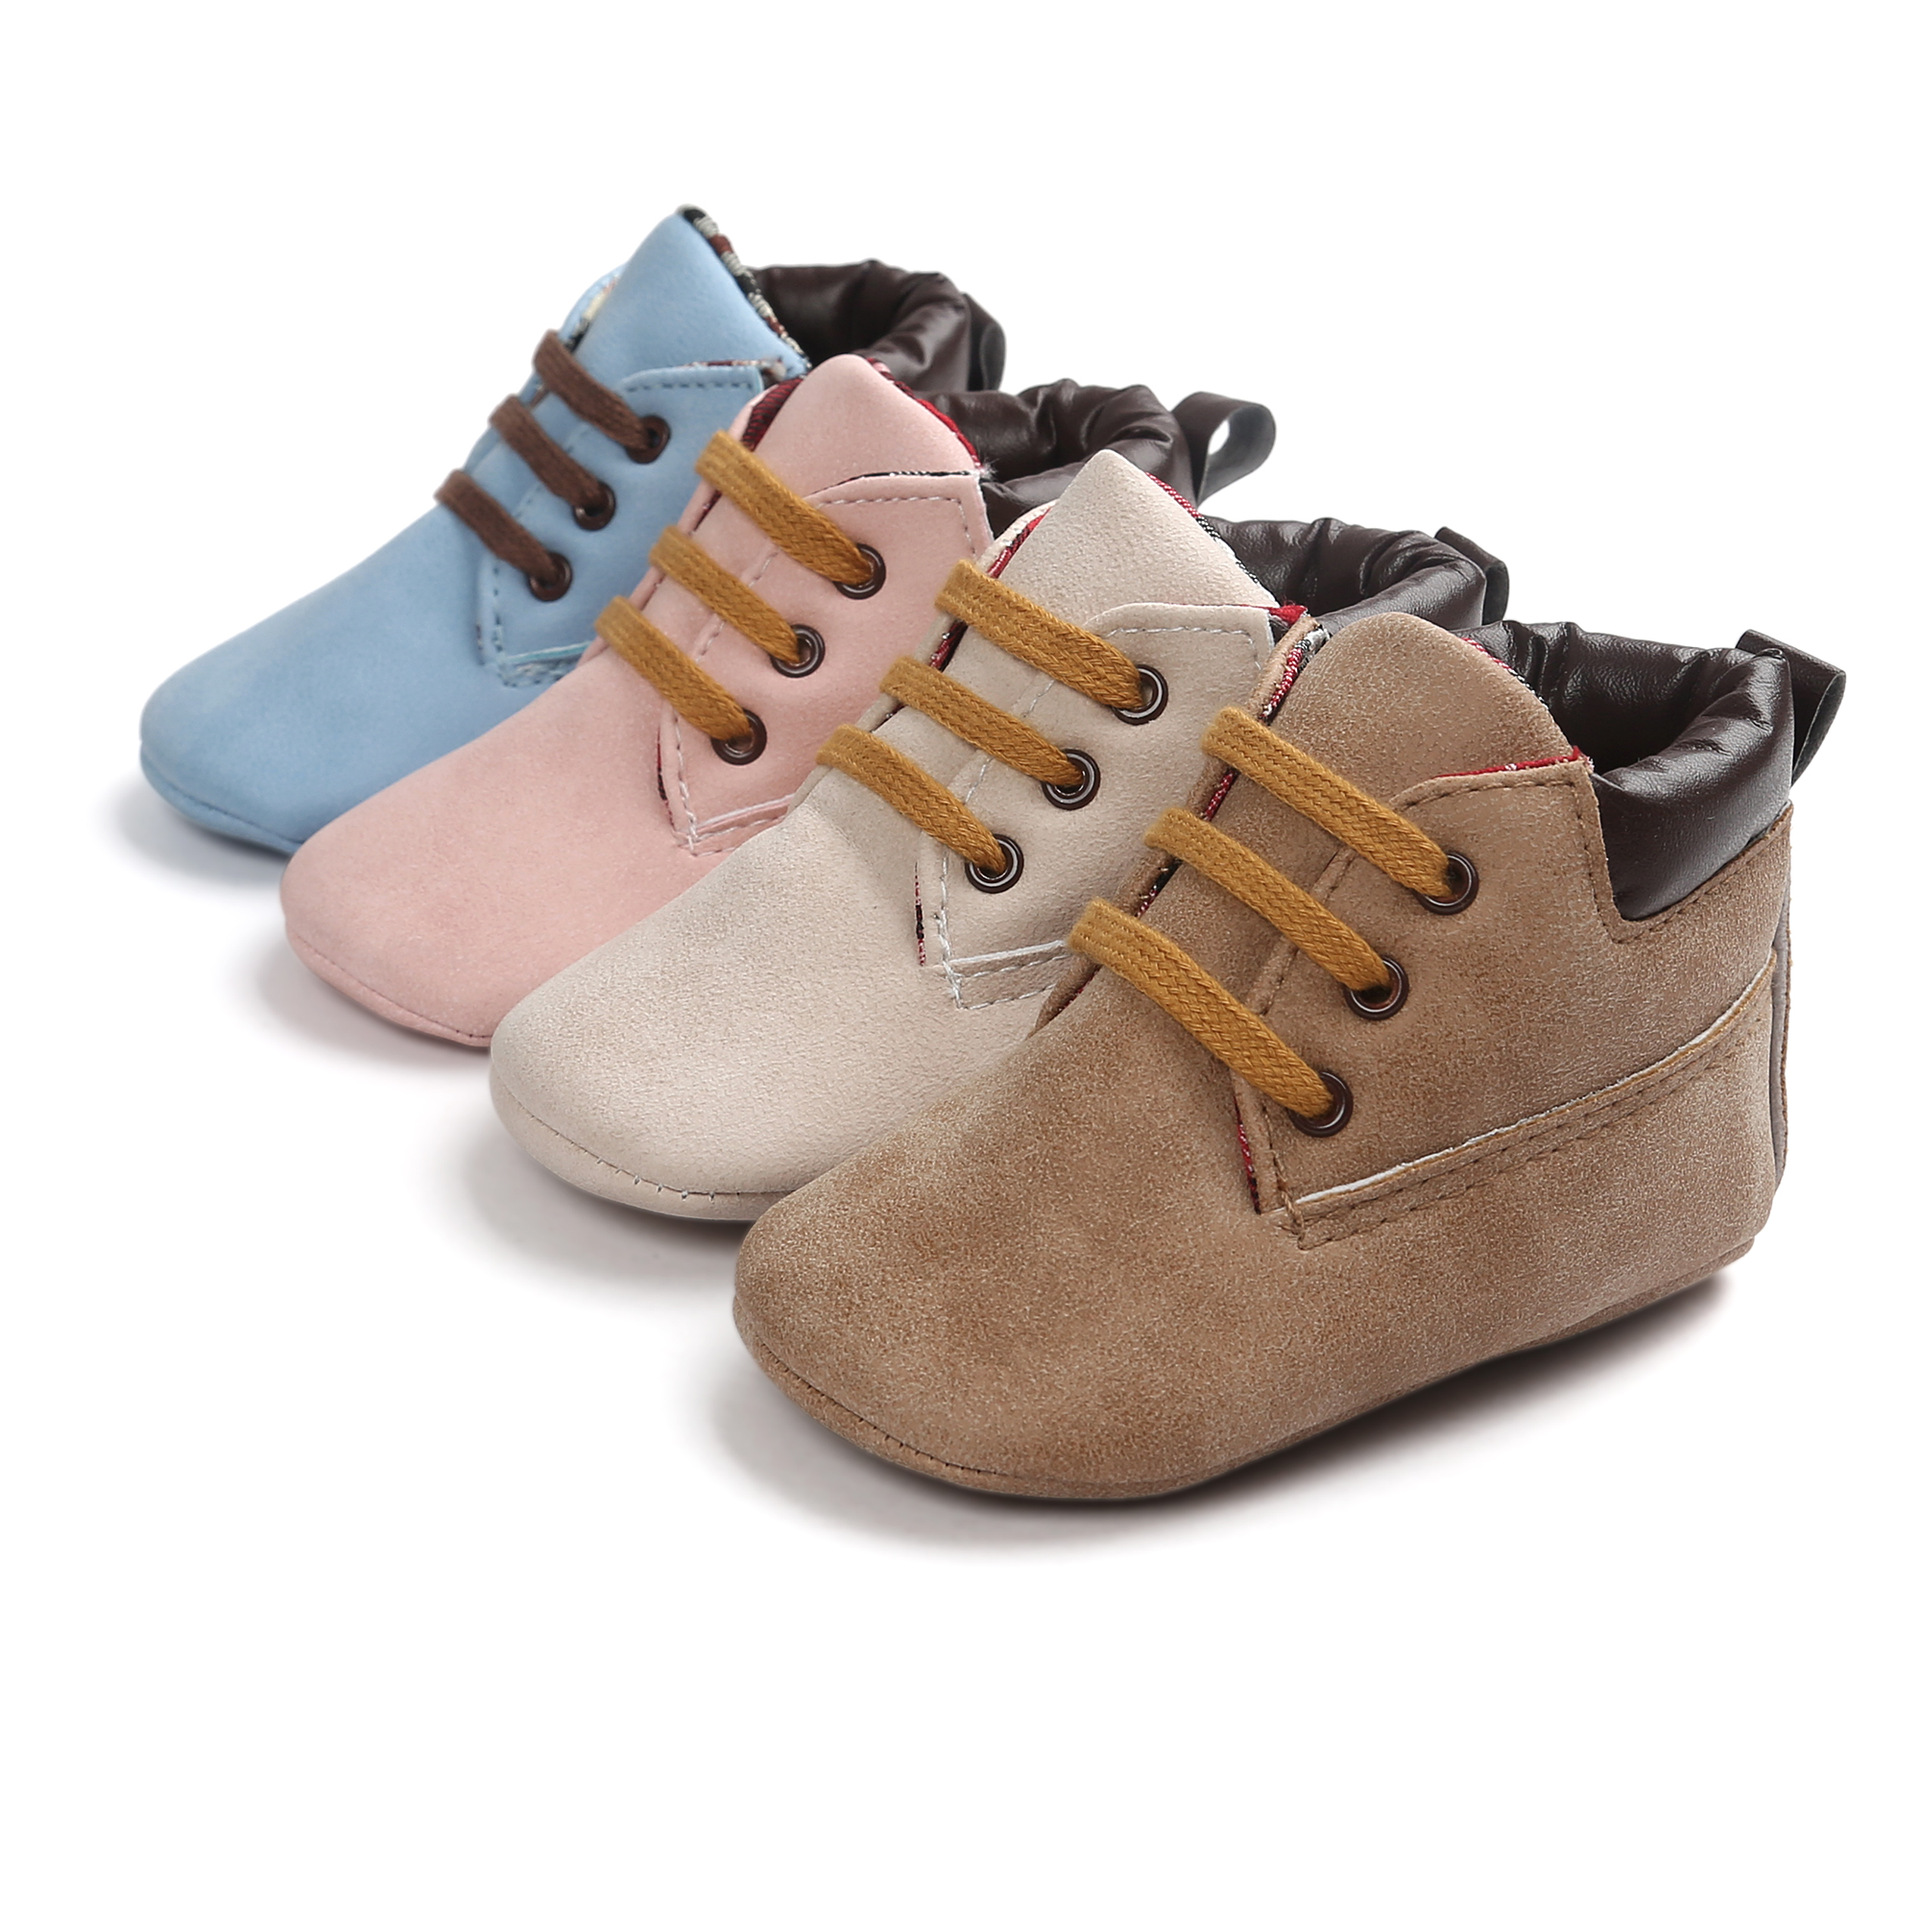 ROMIRUS Bayi Pertama Walkers Sepatu Bayi Lembut Bawah Mode Jumbai - Sepatu bayi - Foto 2